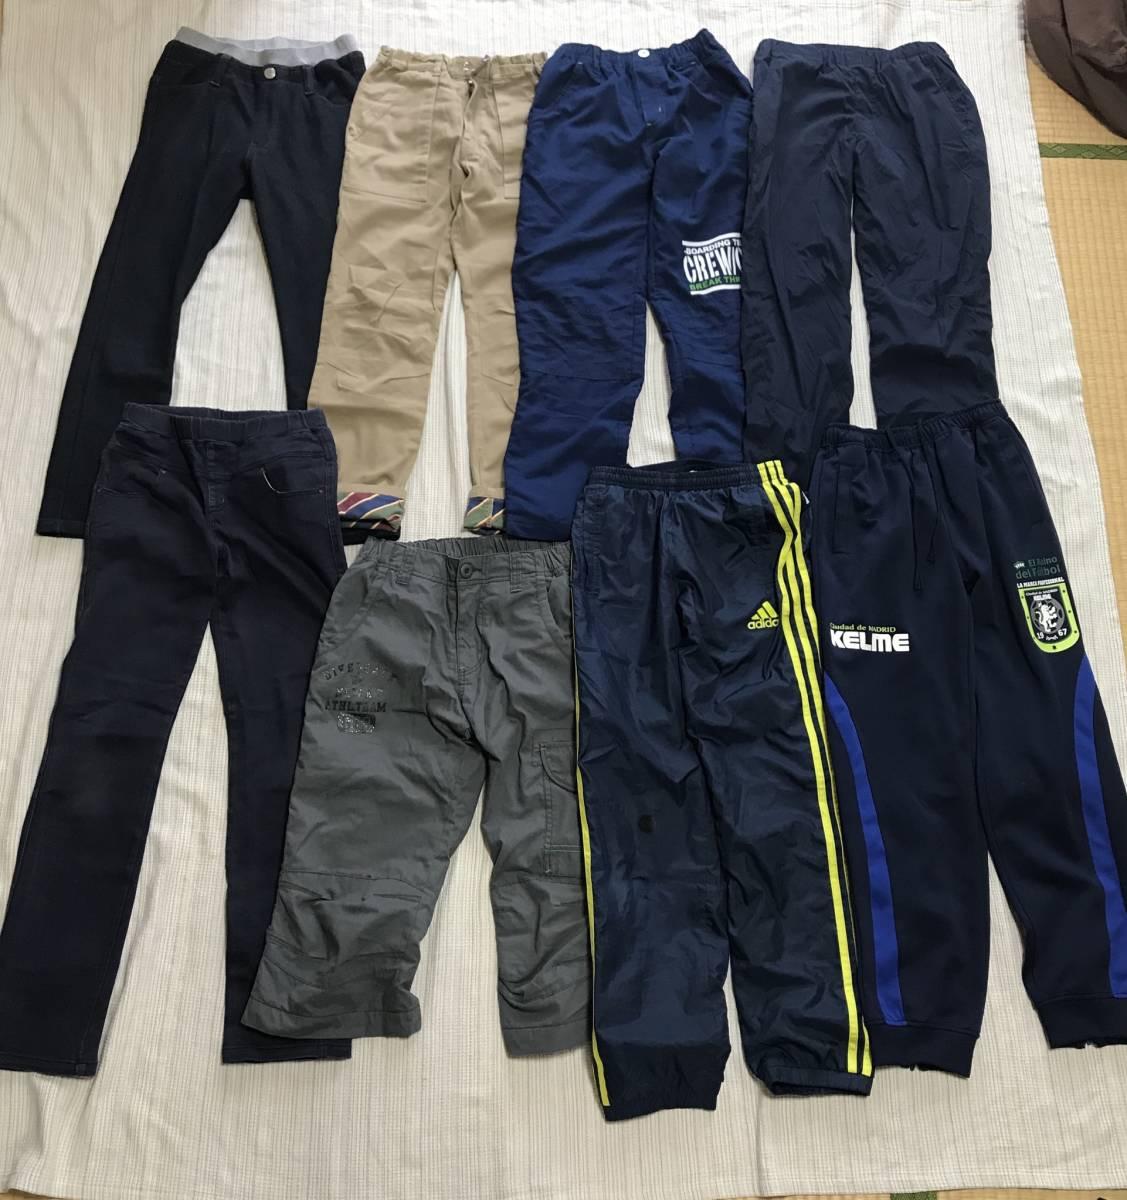 150 男の子 まとめ売り 福袋 プーマ アディダス _画像7